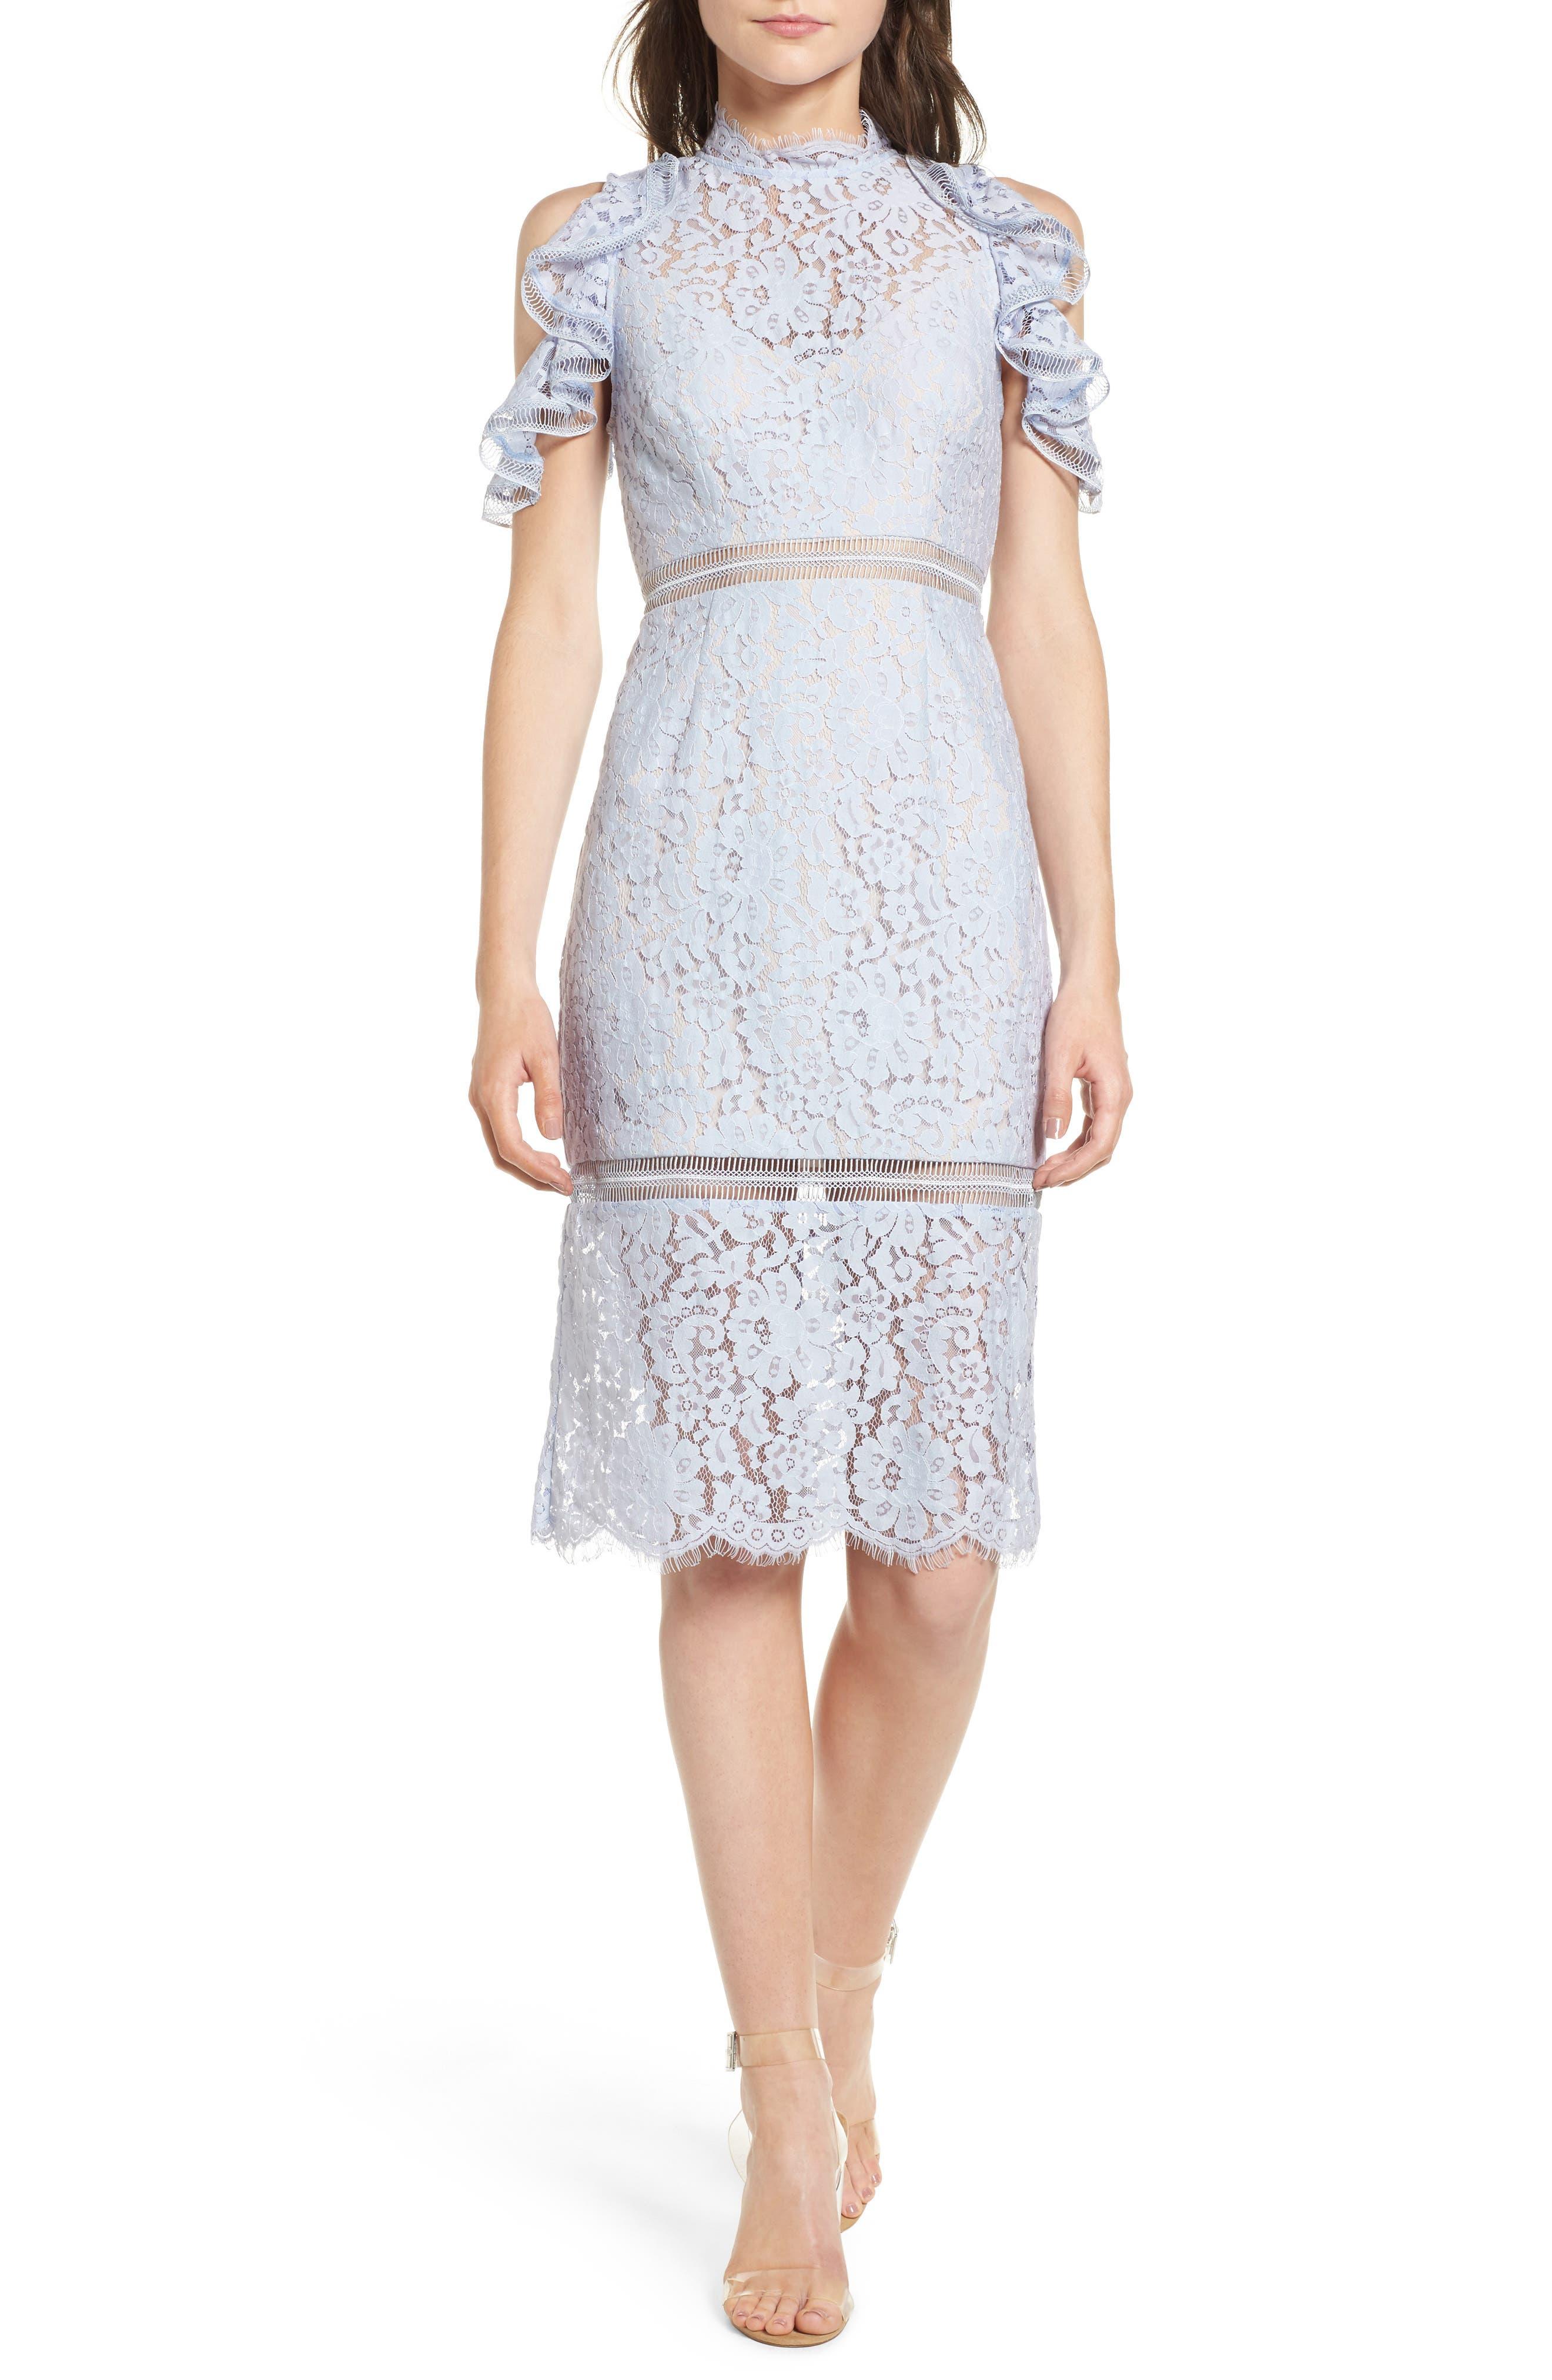 Alternate Image 1 Selected - Keepsake the Label Oblivion Lace Dress